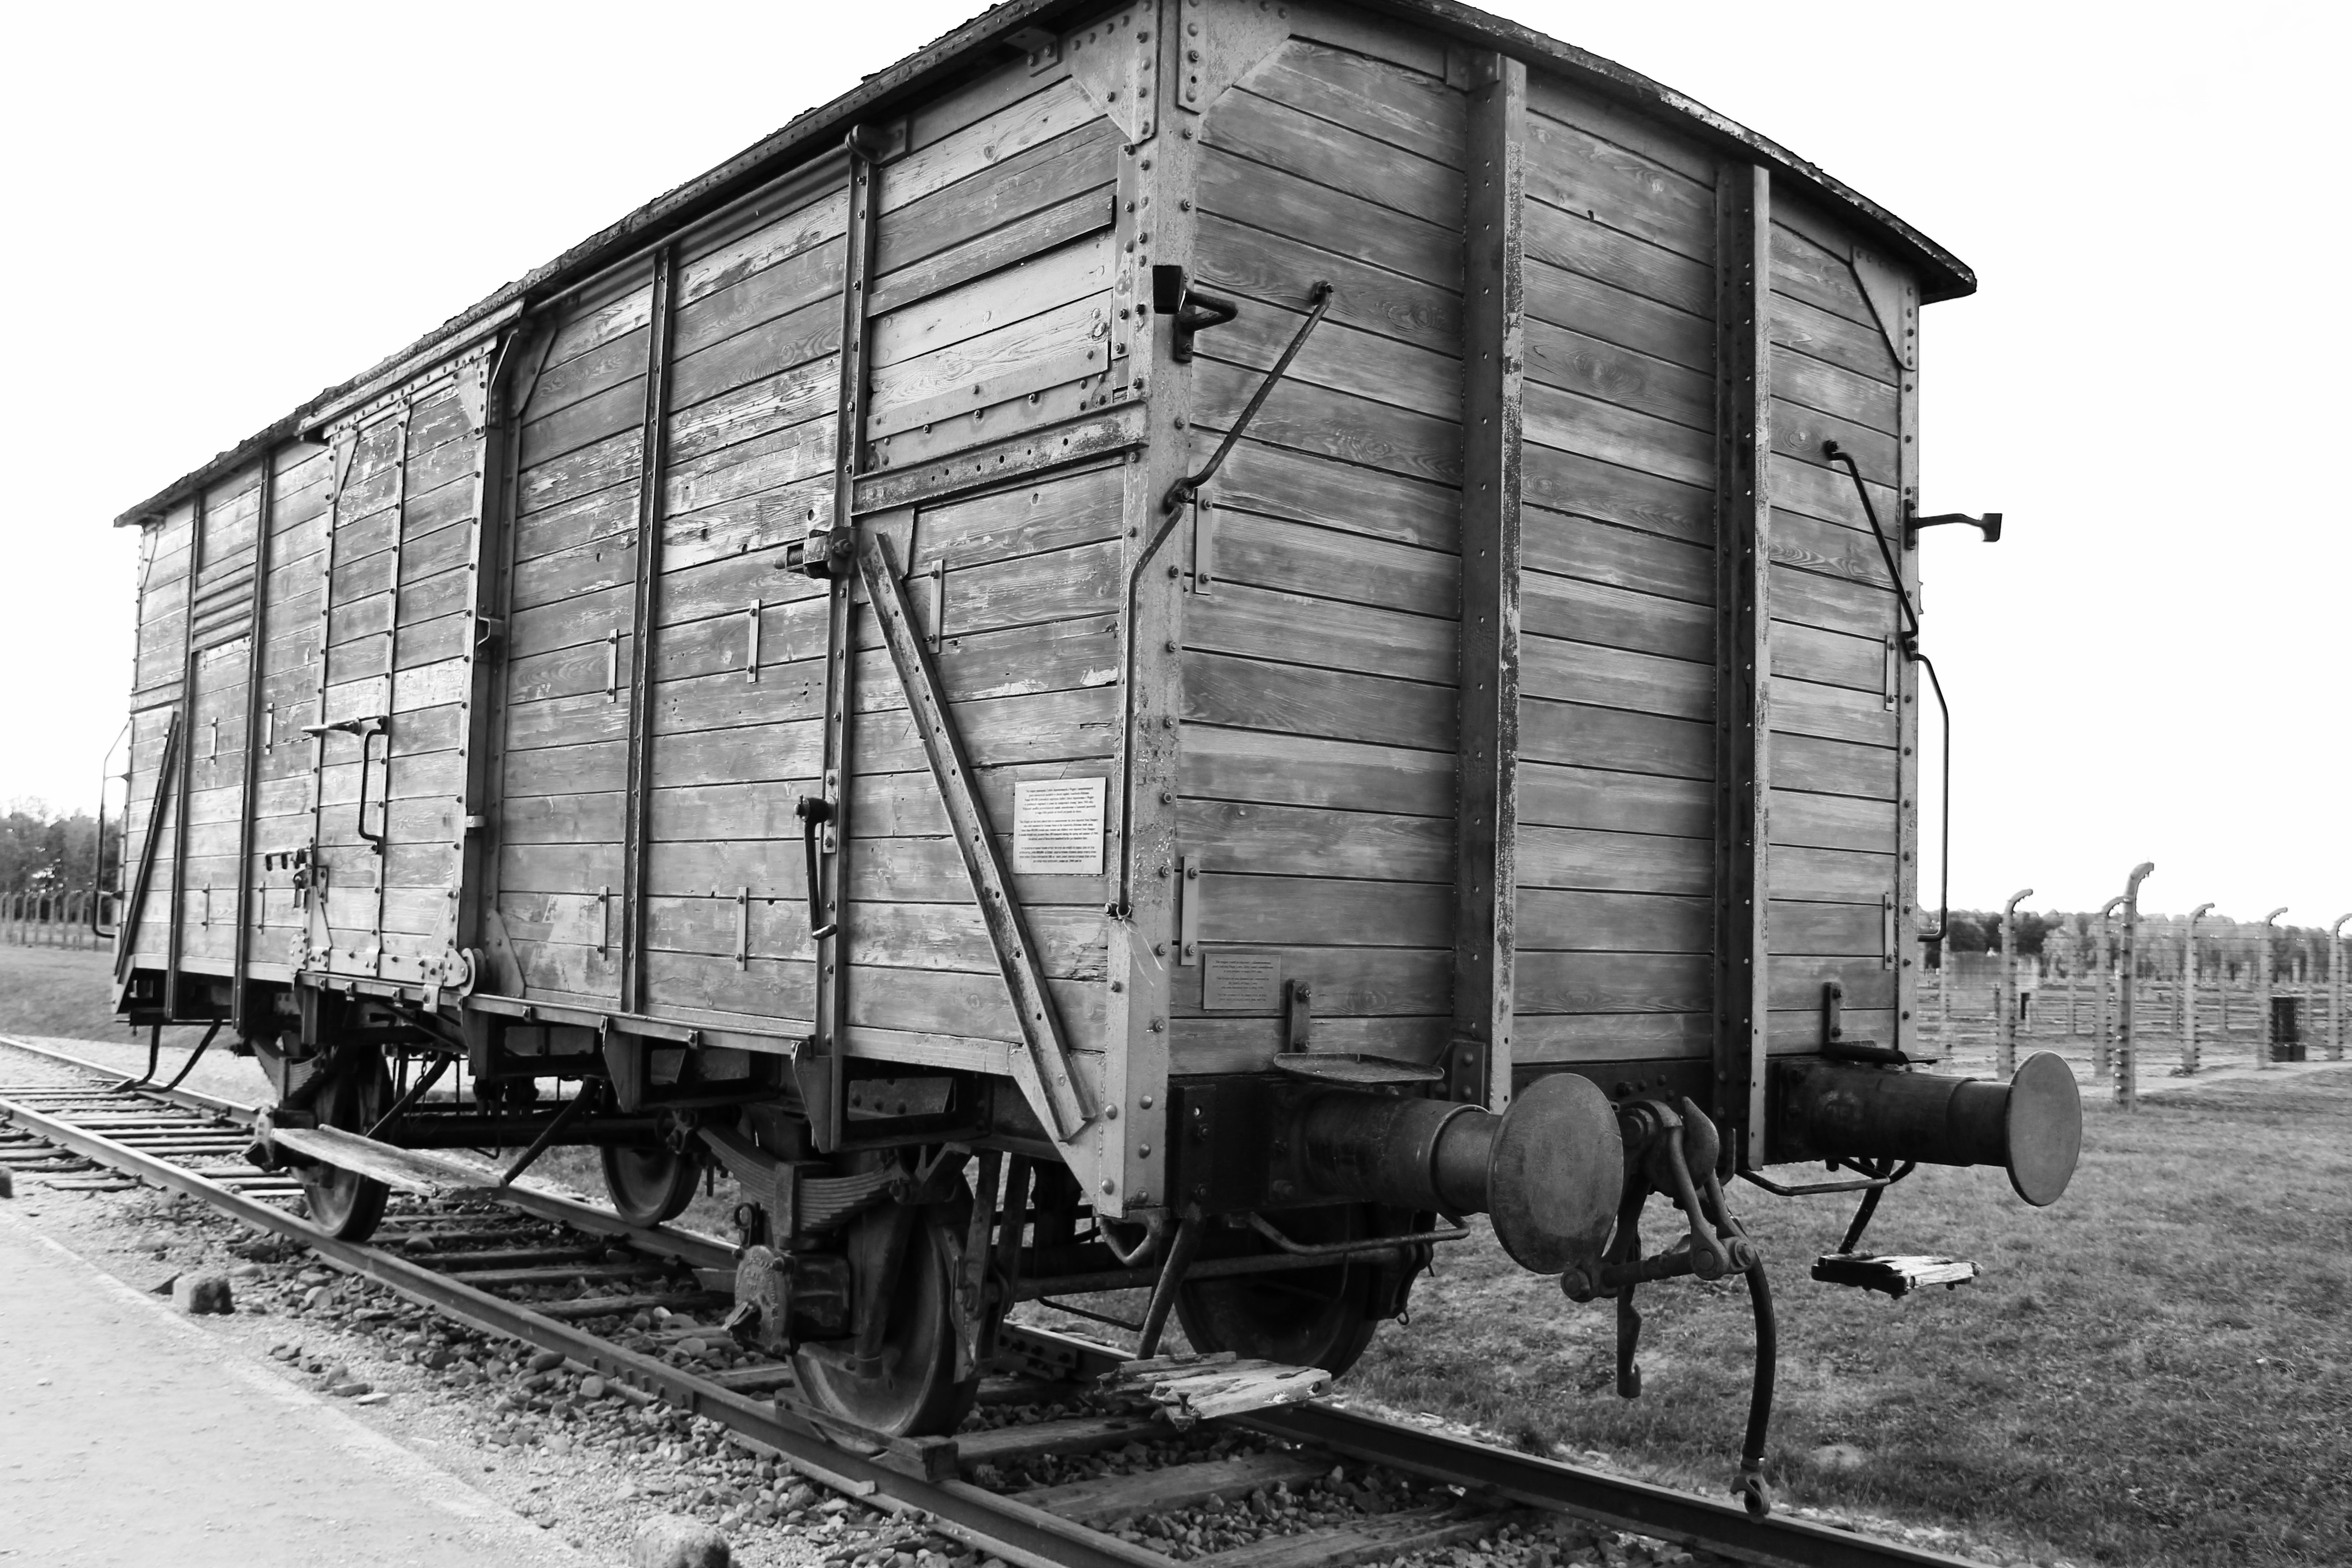 Munich To Auschwitz By Train